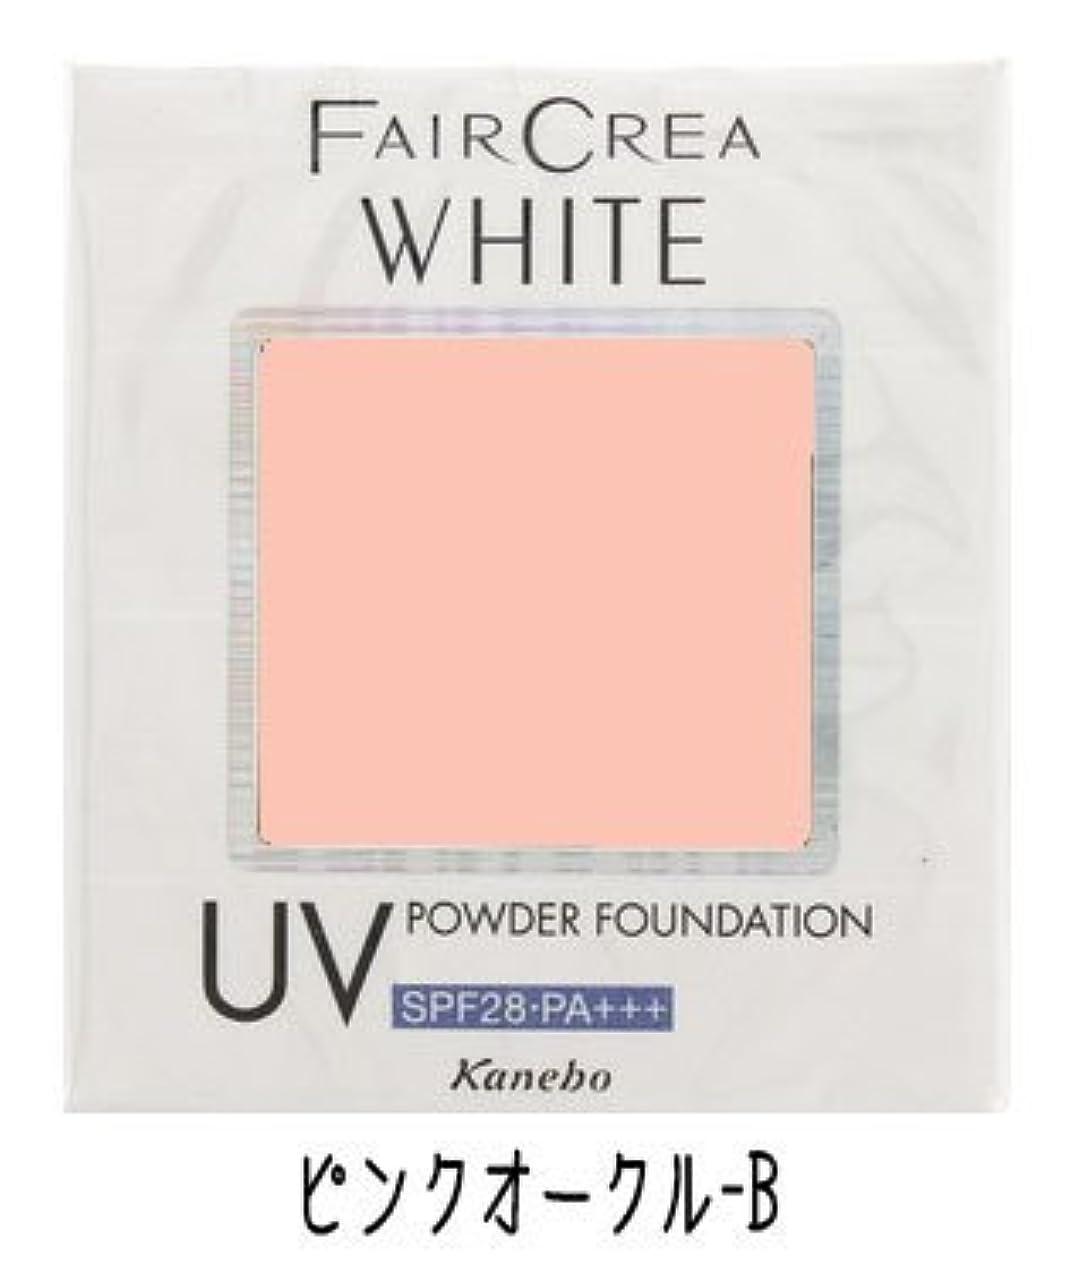 調停する理由嬉しいですカネボウ フェアクレア ホワイトUVパウダーファンデーション《10g》<カラー:ピンクオークルB>